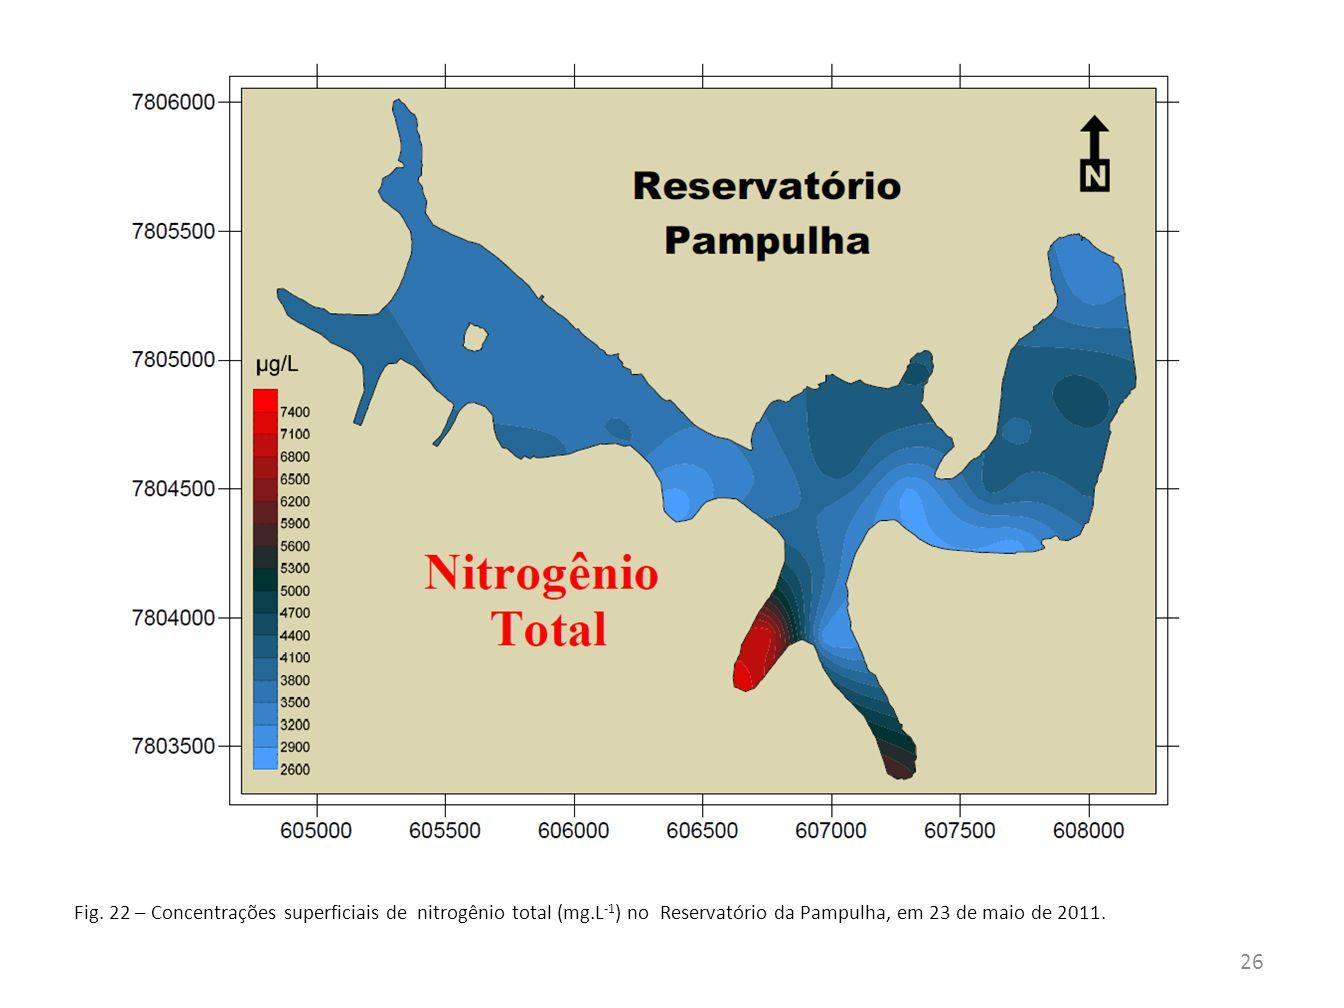 Fig. 22 – Concentrações superficiais de nitrogênio total (mg